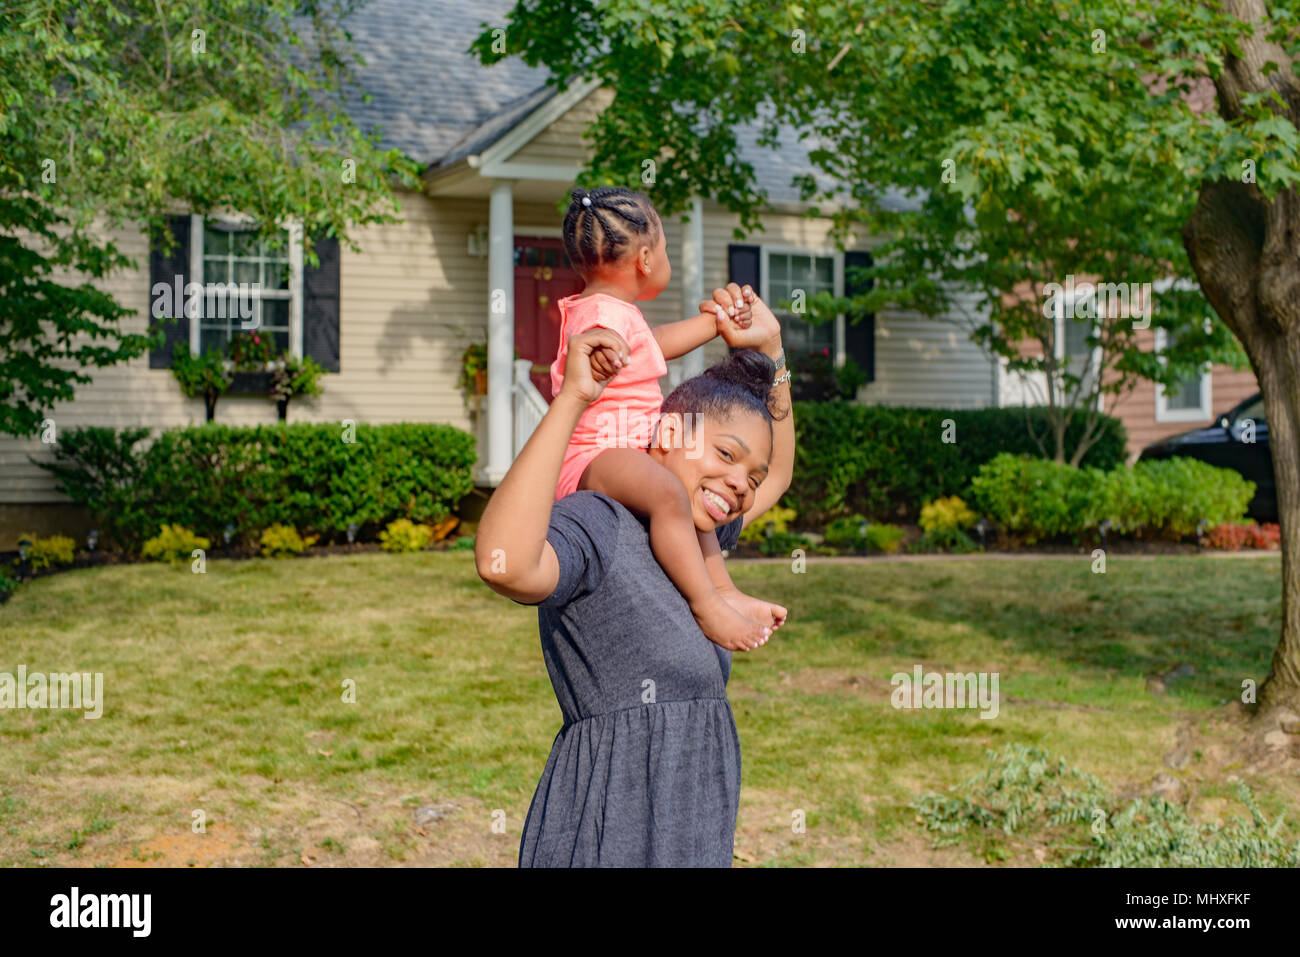 Mitte der erwachsenen Frau im Garten, die kleine Tochter auf den Schultern, Porträt Stockbild